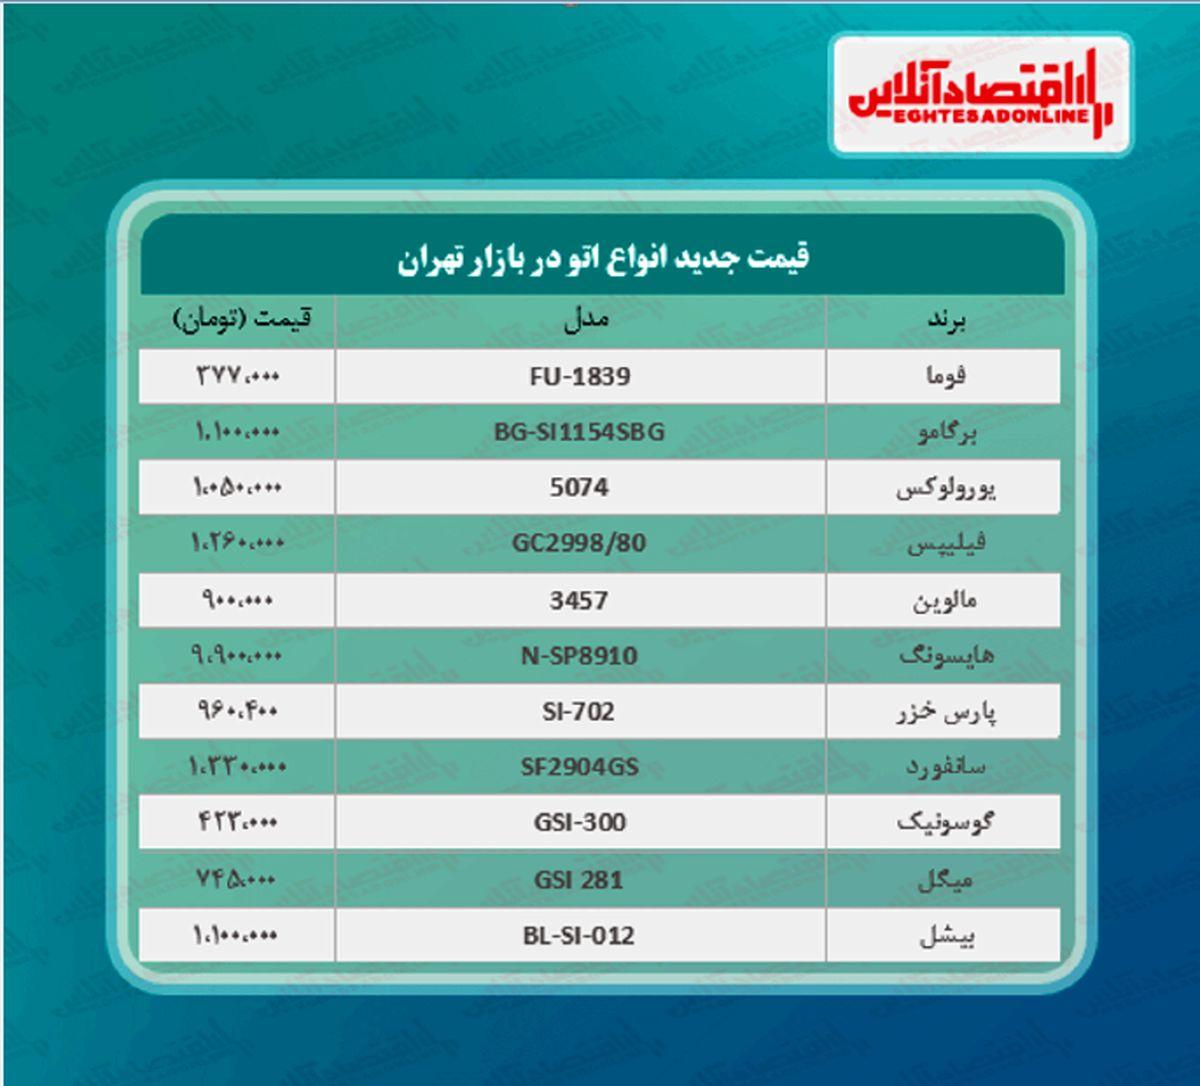 قیمت جدید انواع اتو در بازار (۱۴۰۰/۰۲/۲۷)